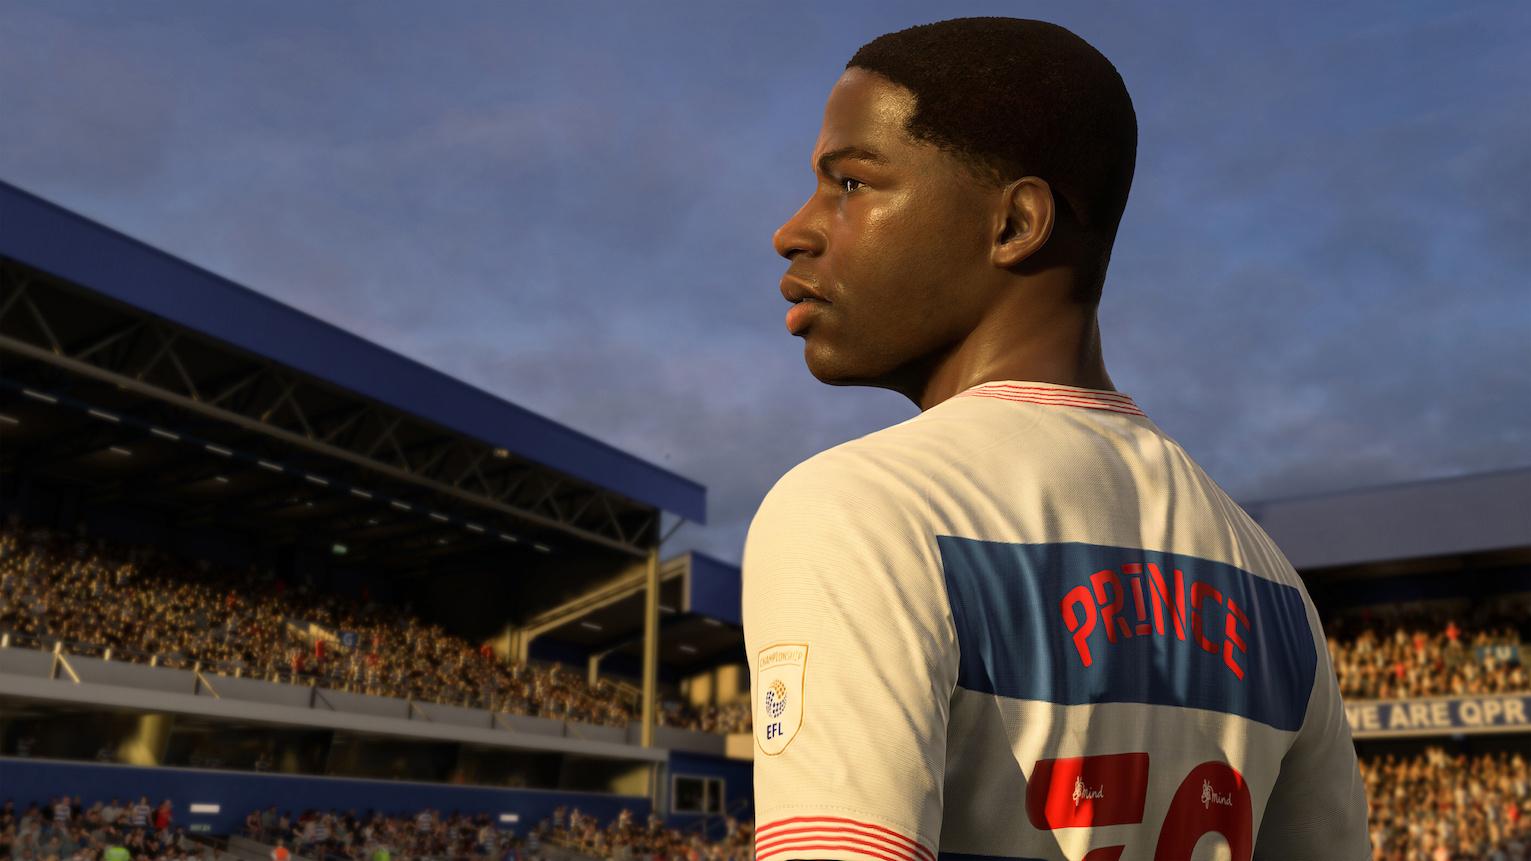 В FIFA21 добавили убитого15 лет назад футболиста